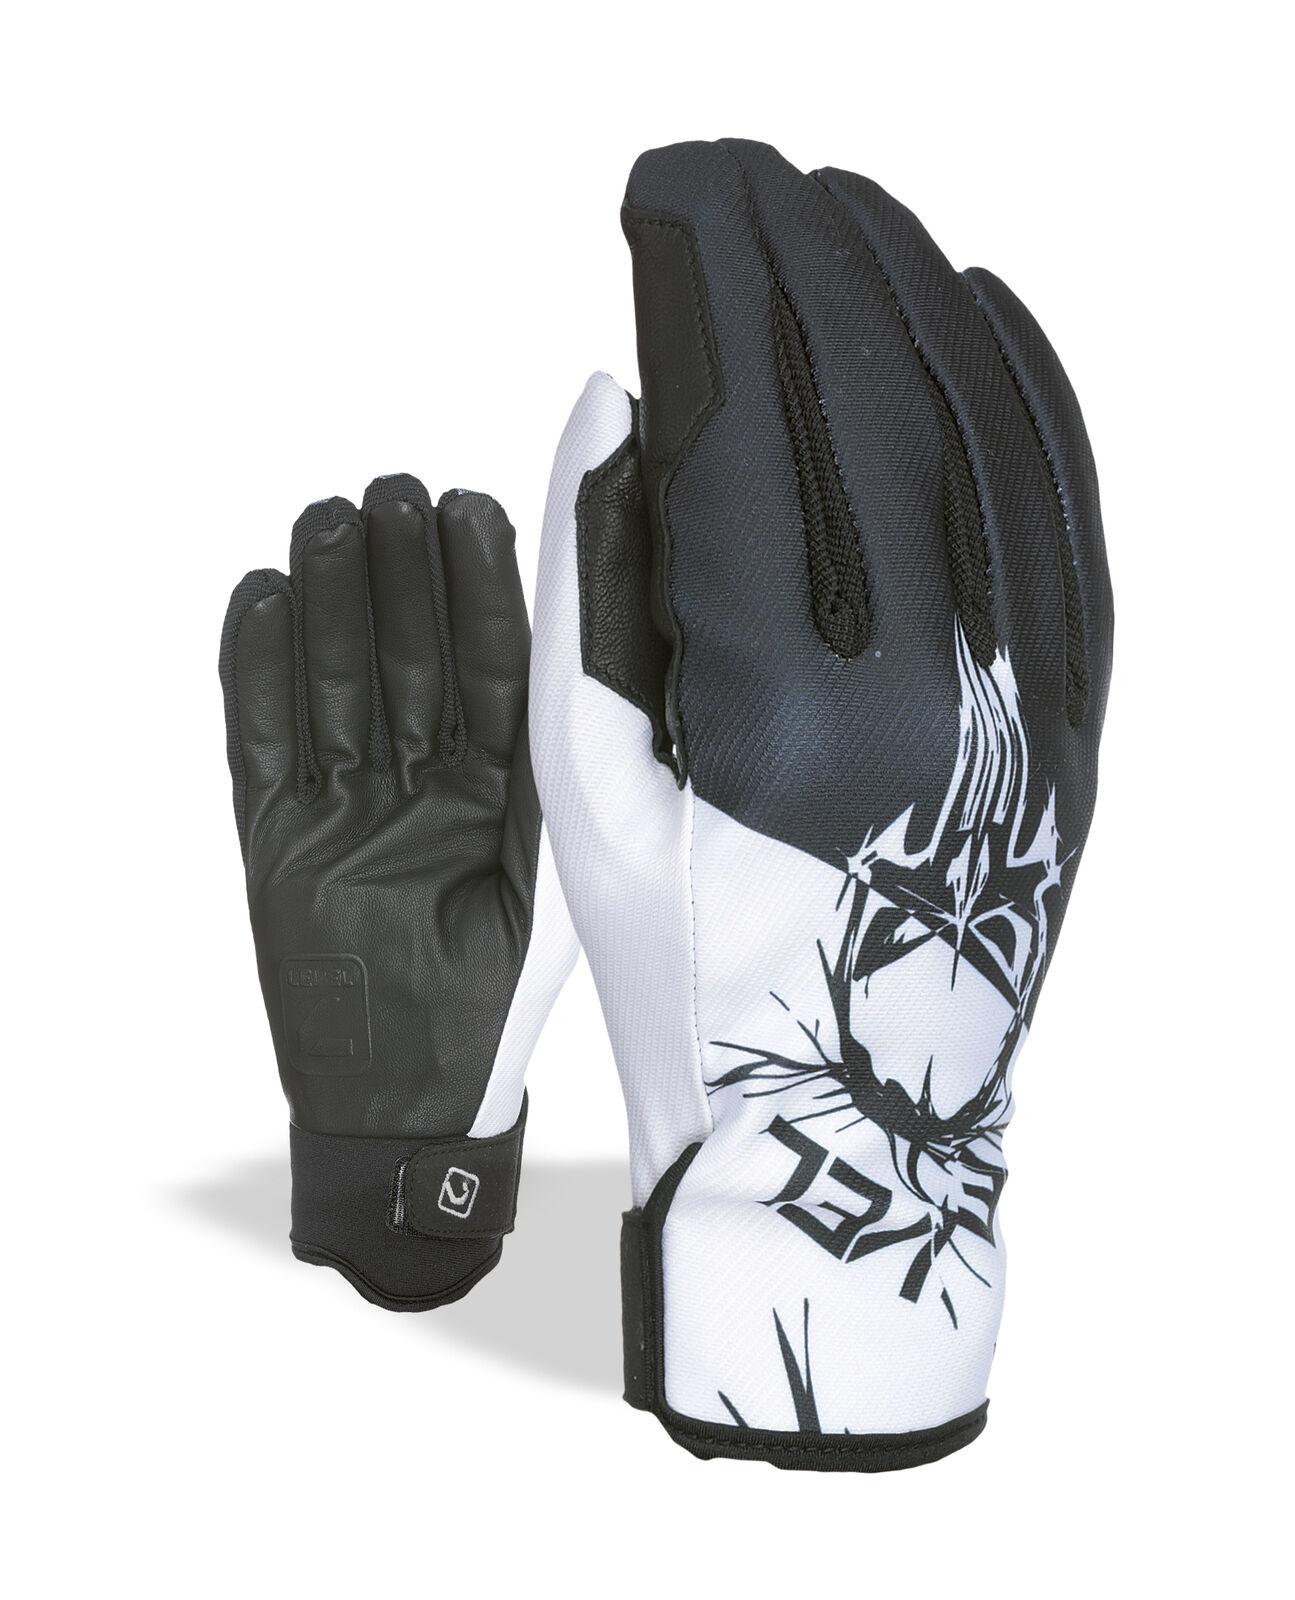 Level Handschuh  Pro Rider schwarz winddicht wasserdicht atmungsaktiv    Sehr gute Qualität